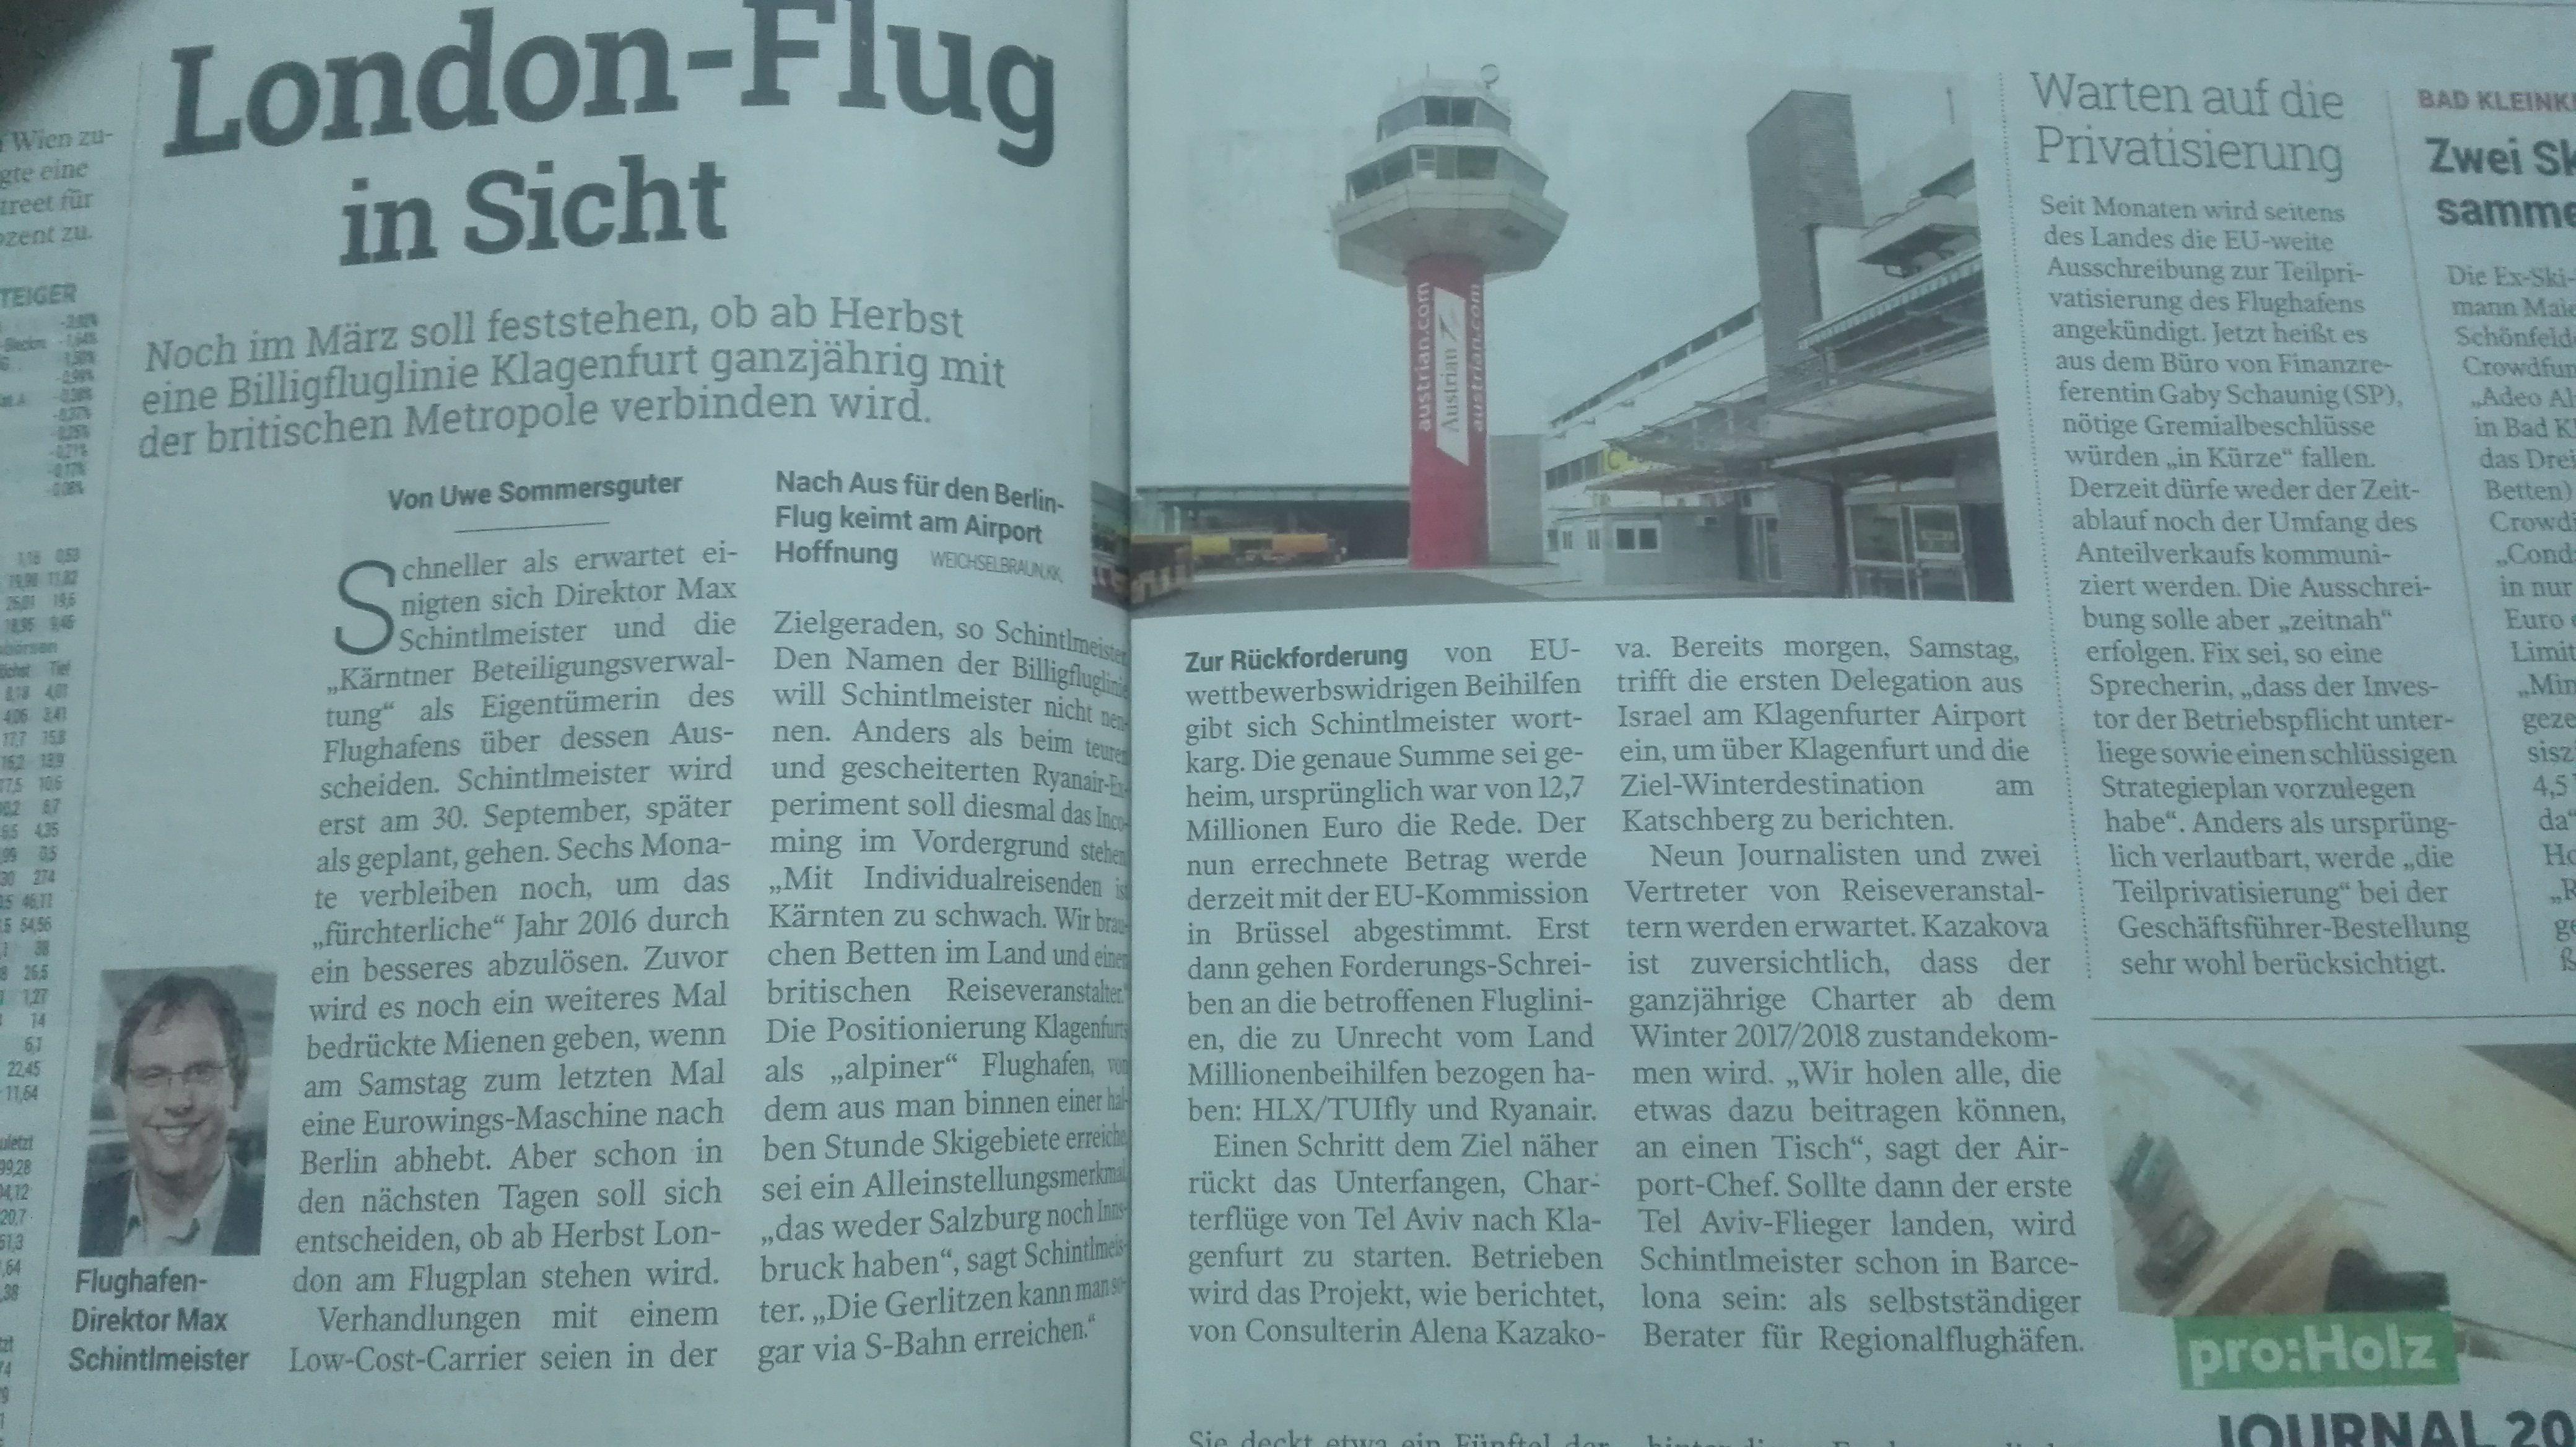 London Flug Klagenfurt Airport